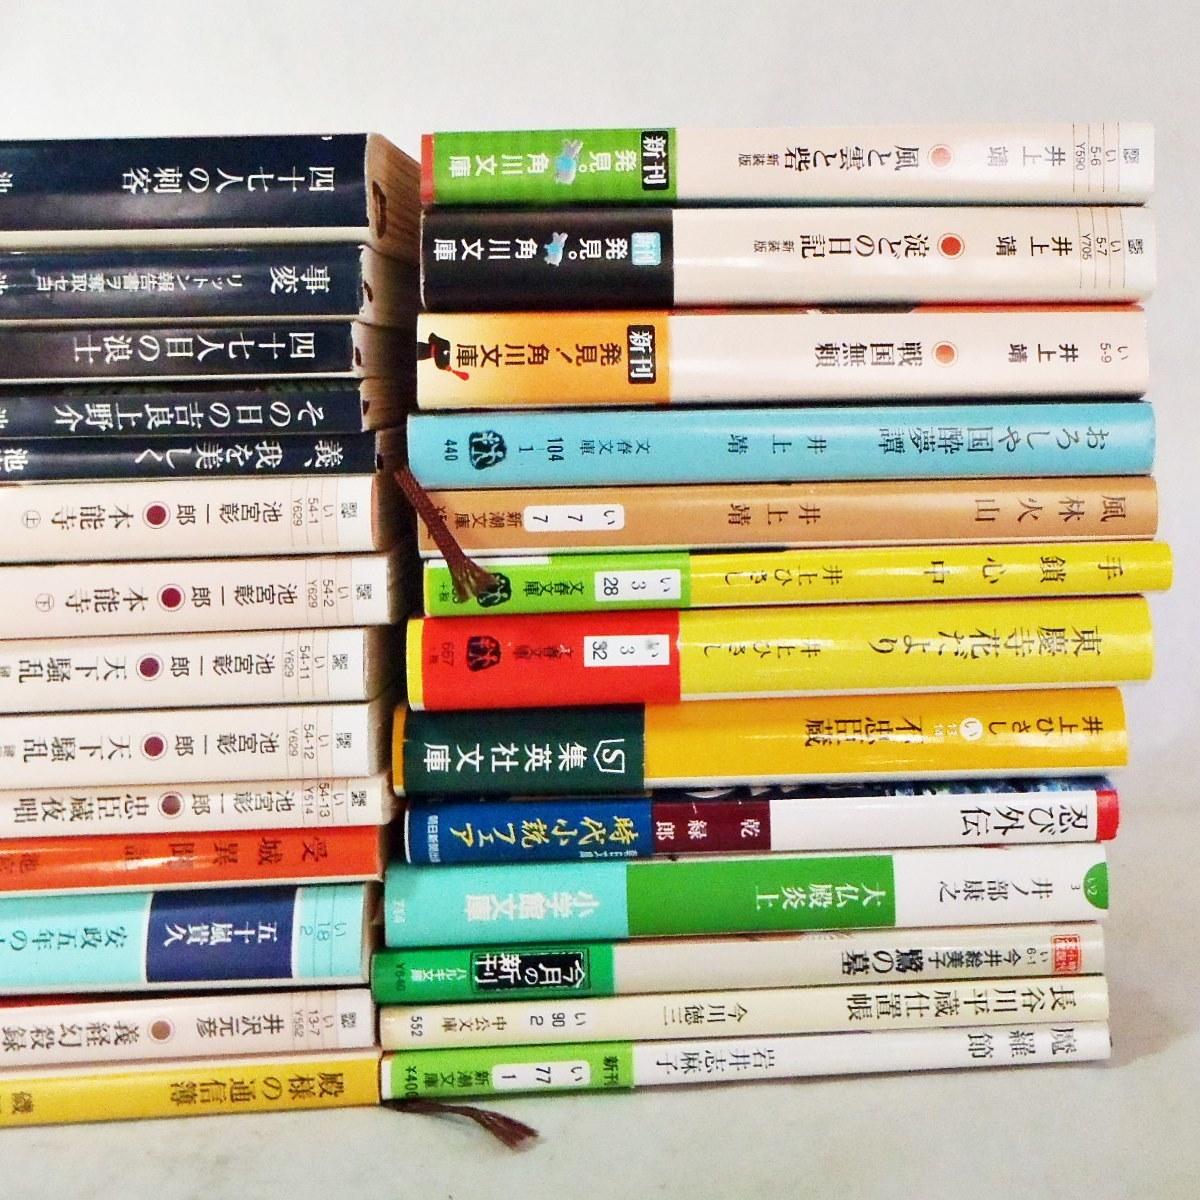 時代小説文庫版二十七冊 池宮彰一郎 など 送料込_02